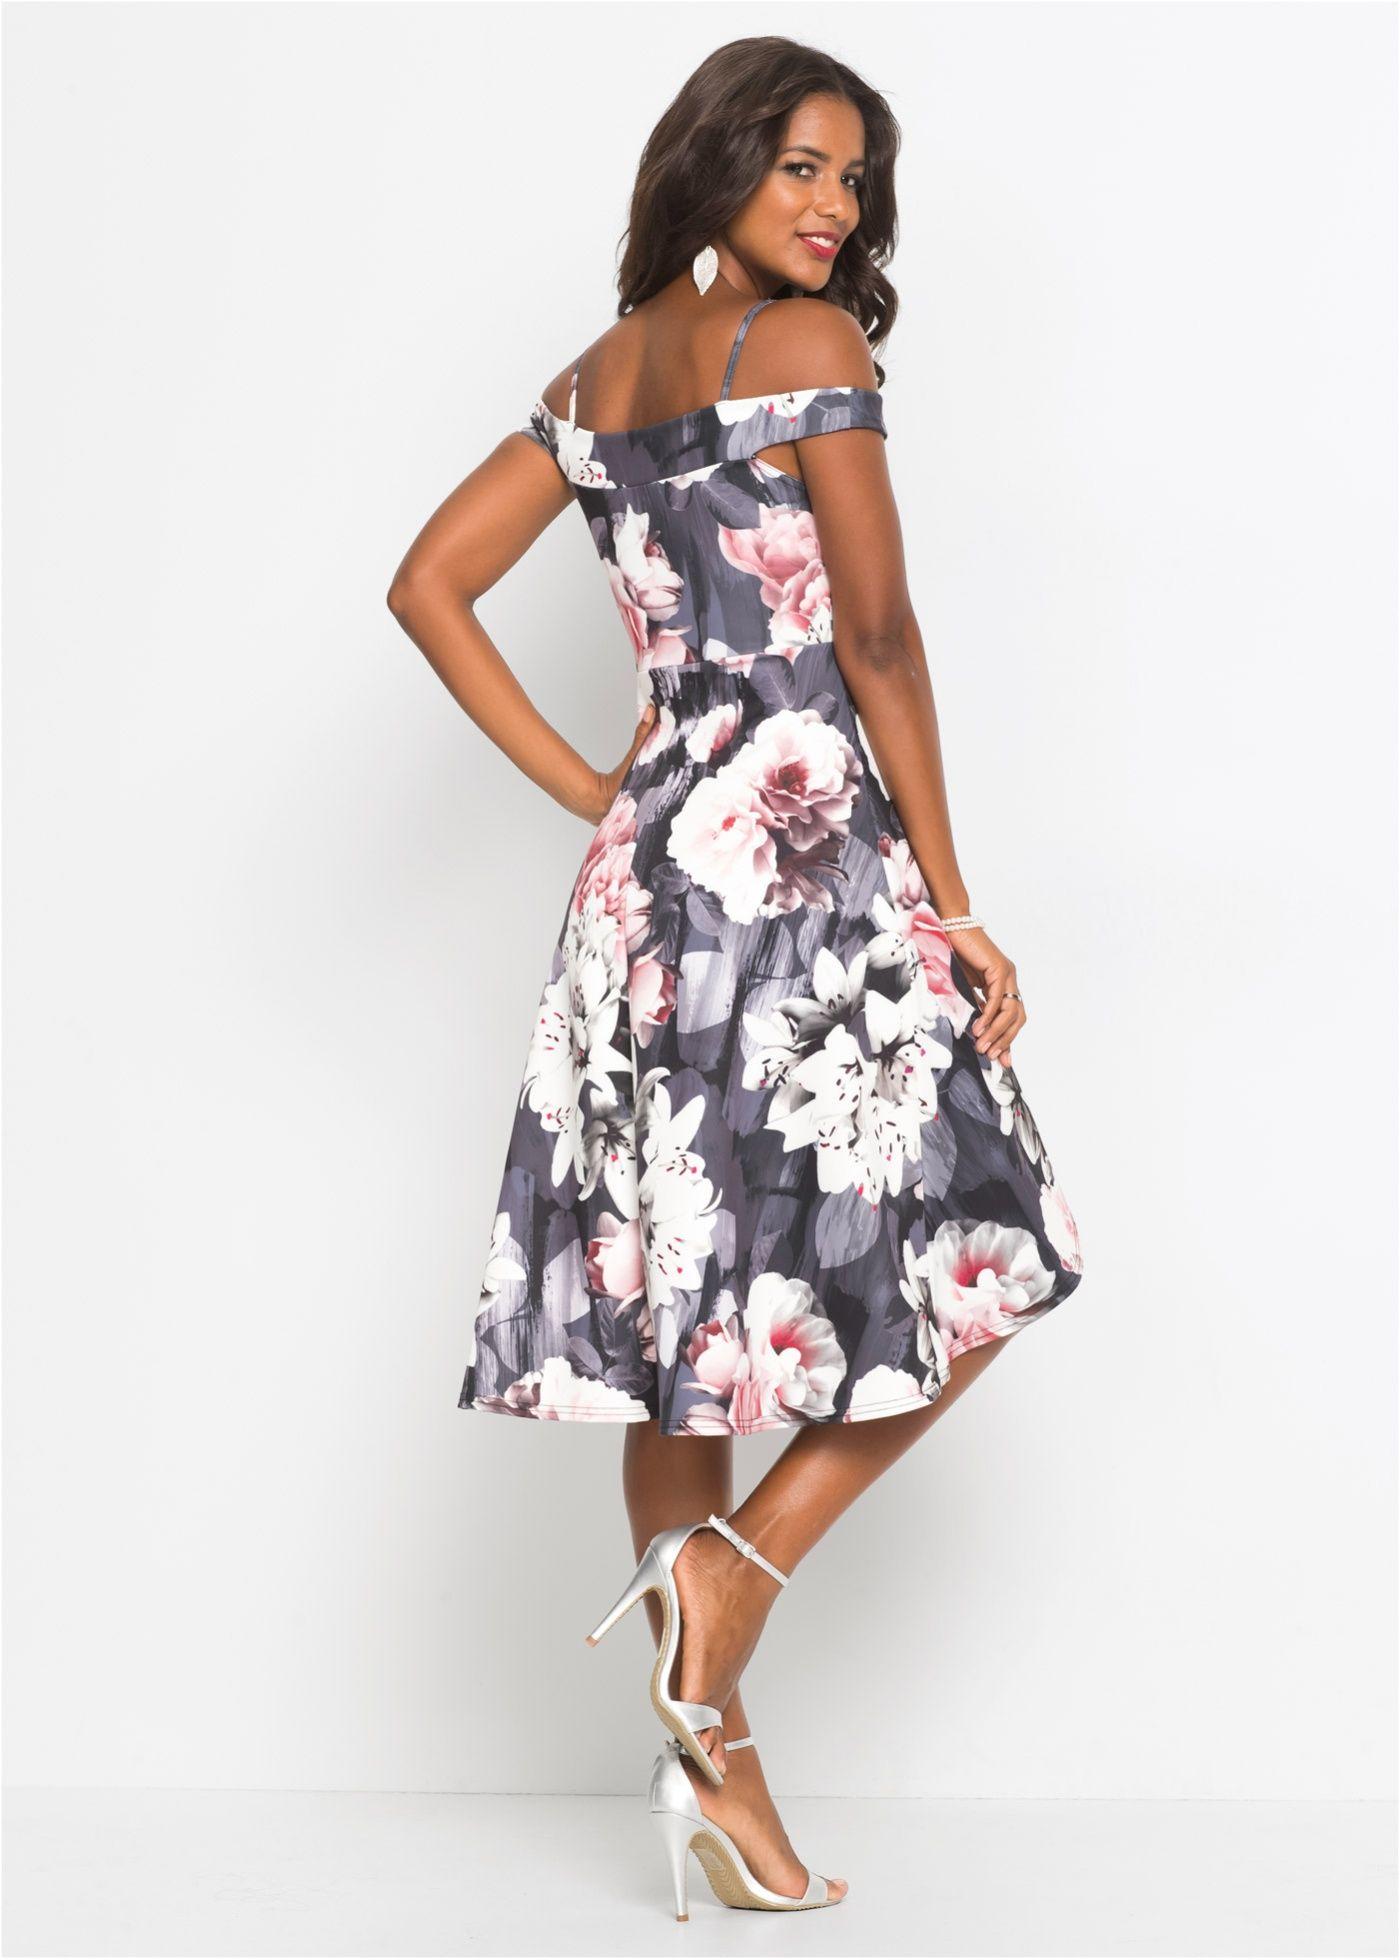 1db4c9b71774 Beställ Blommönstrad klänning svart/grå/rosa nu från 399.- kr i online